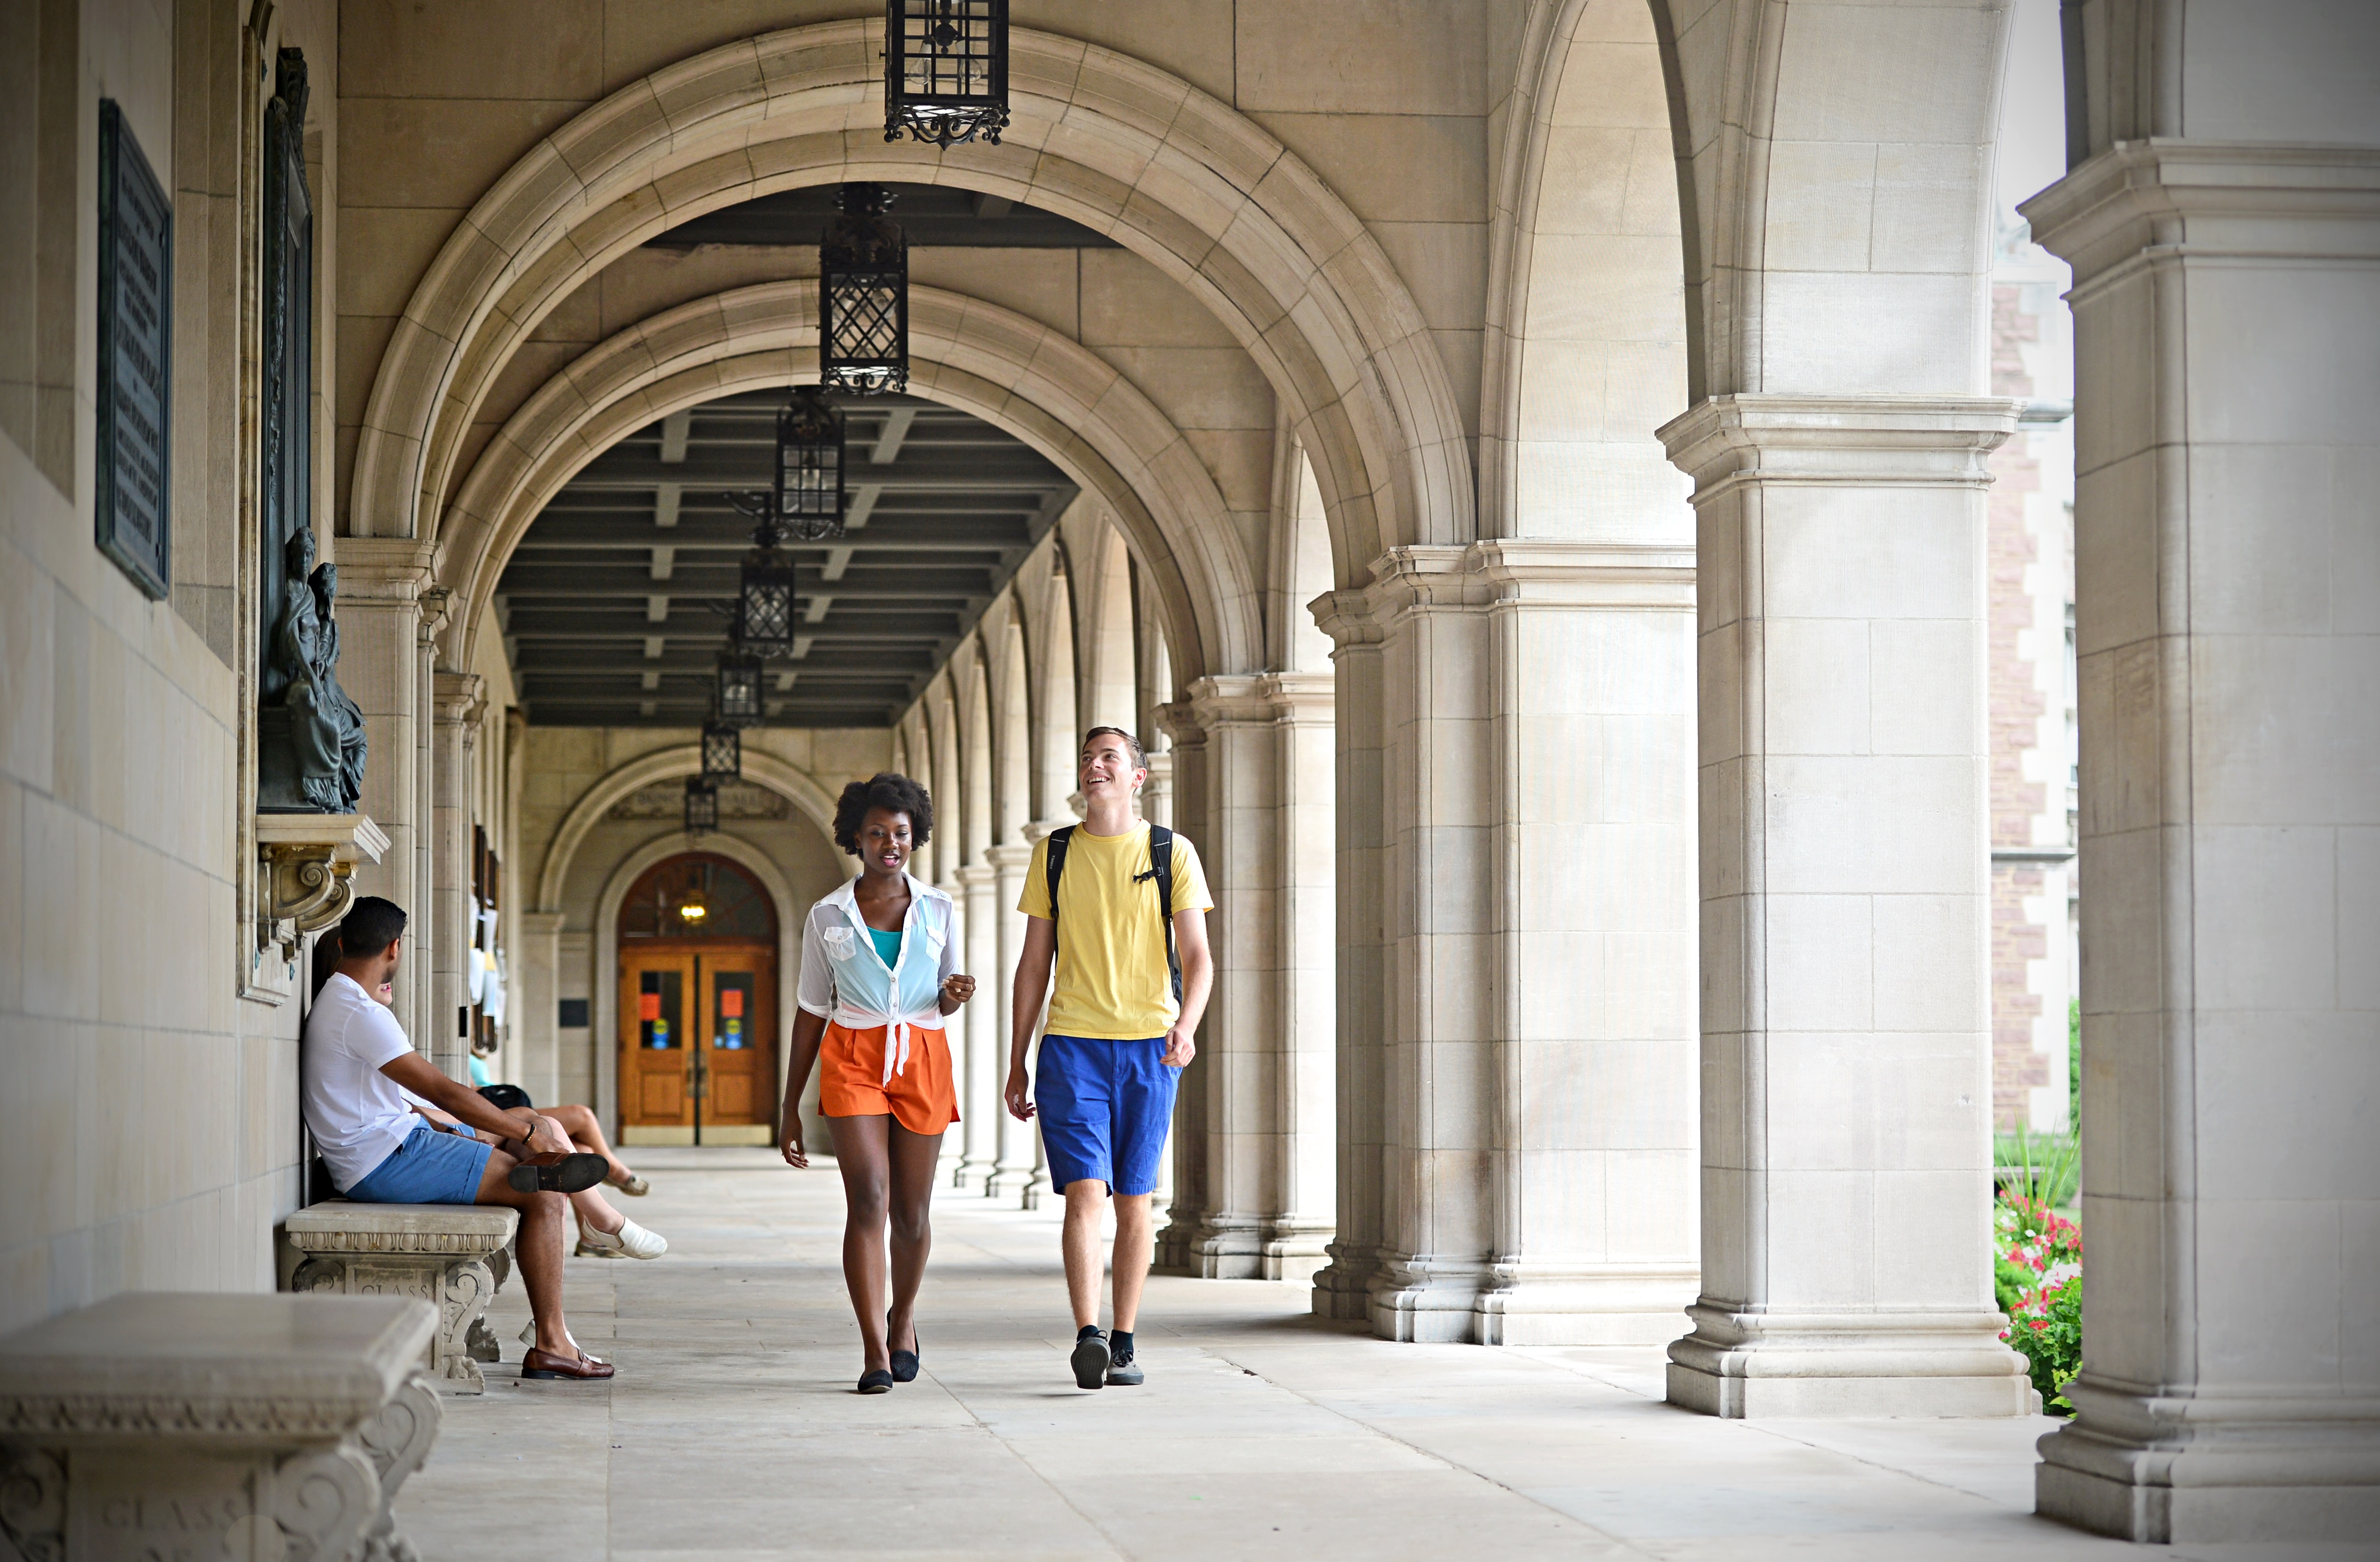 Summer Program - Arts | Washington University's High School Summer Scholars Program